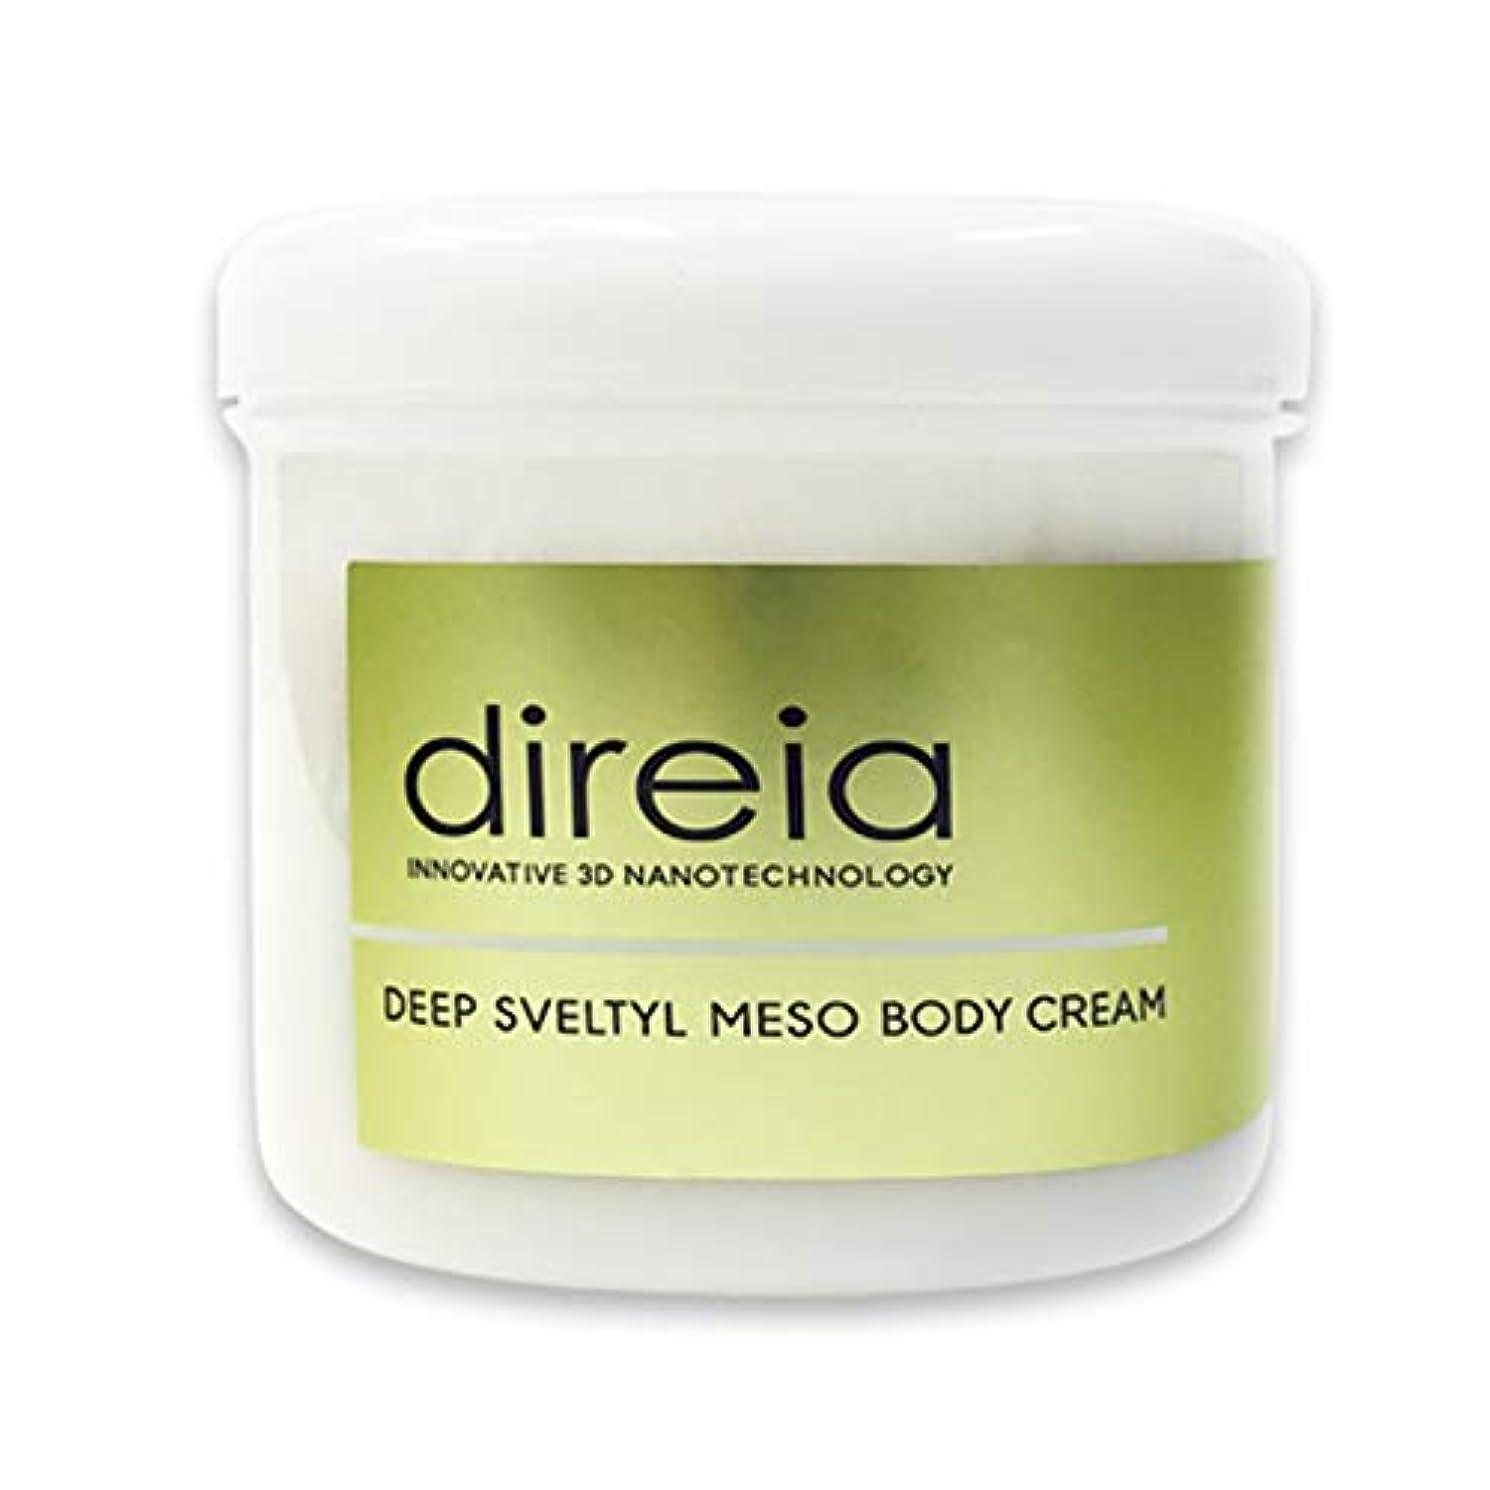 考案する使用法記憶に残るディレイア ナノテクノロジー コアカプセル ディープ スベルティル メソボディクリーム 400g 業務用 direia deep sveltyl mesobody cream